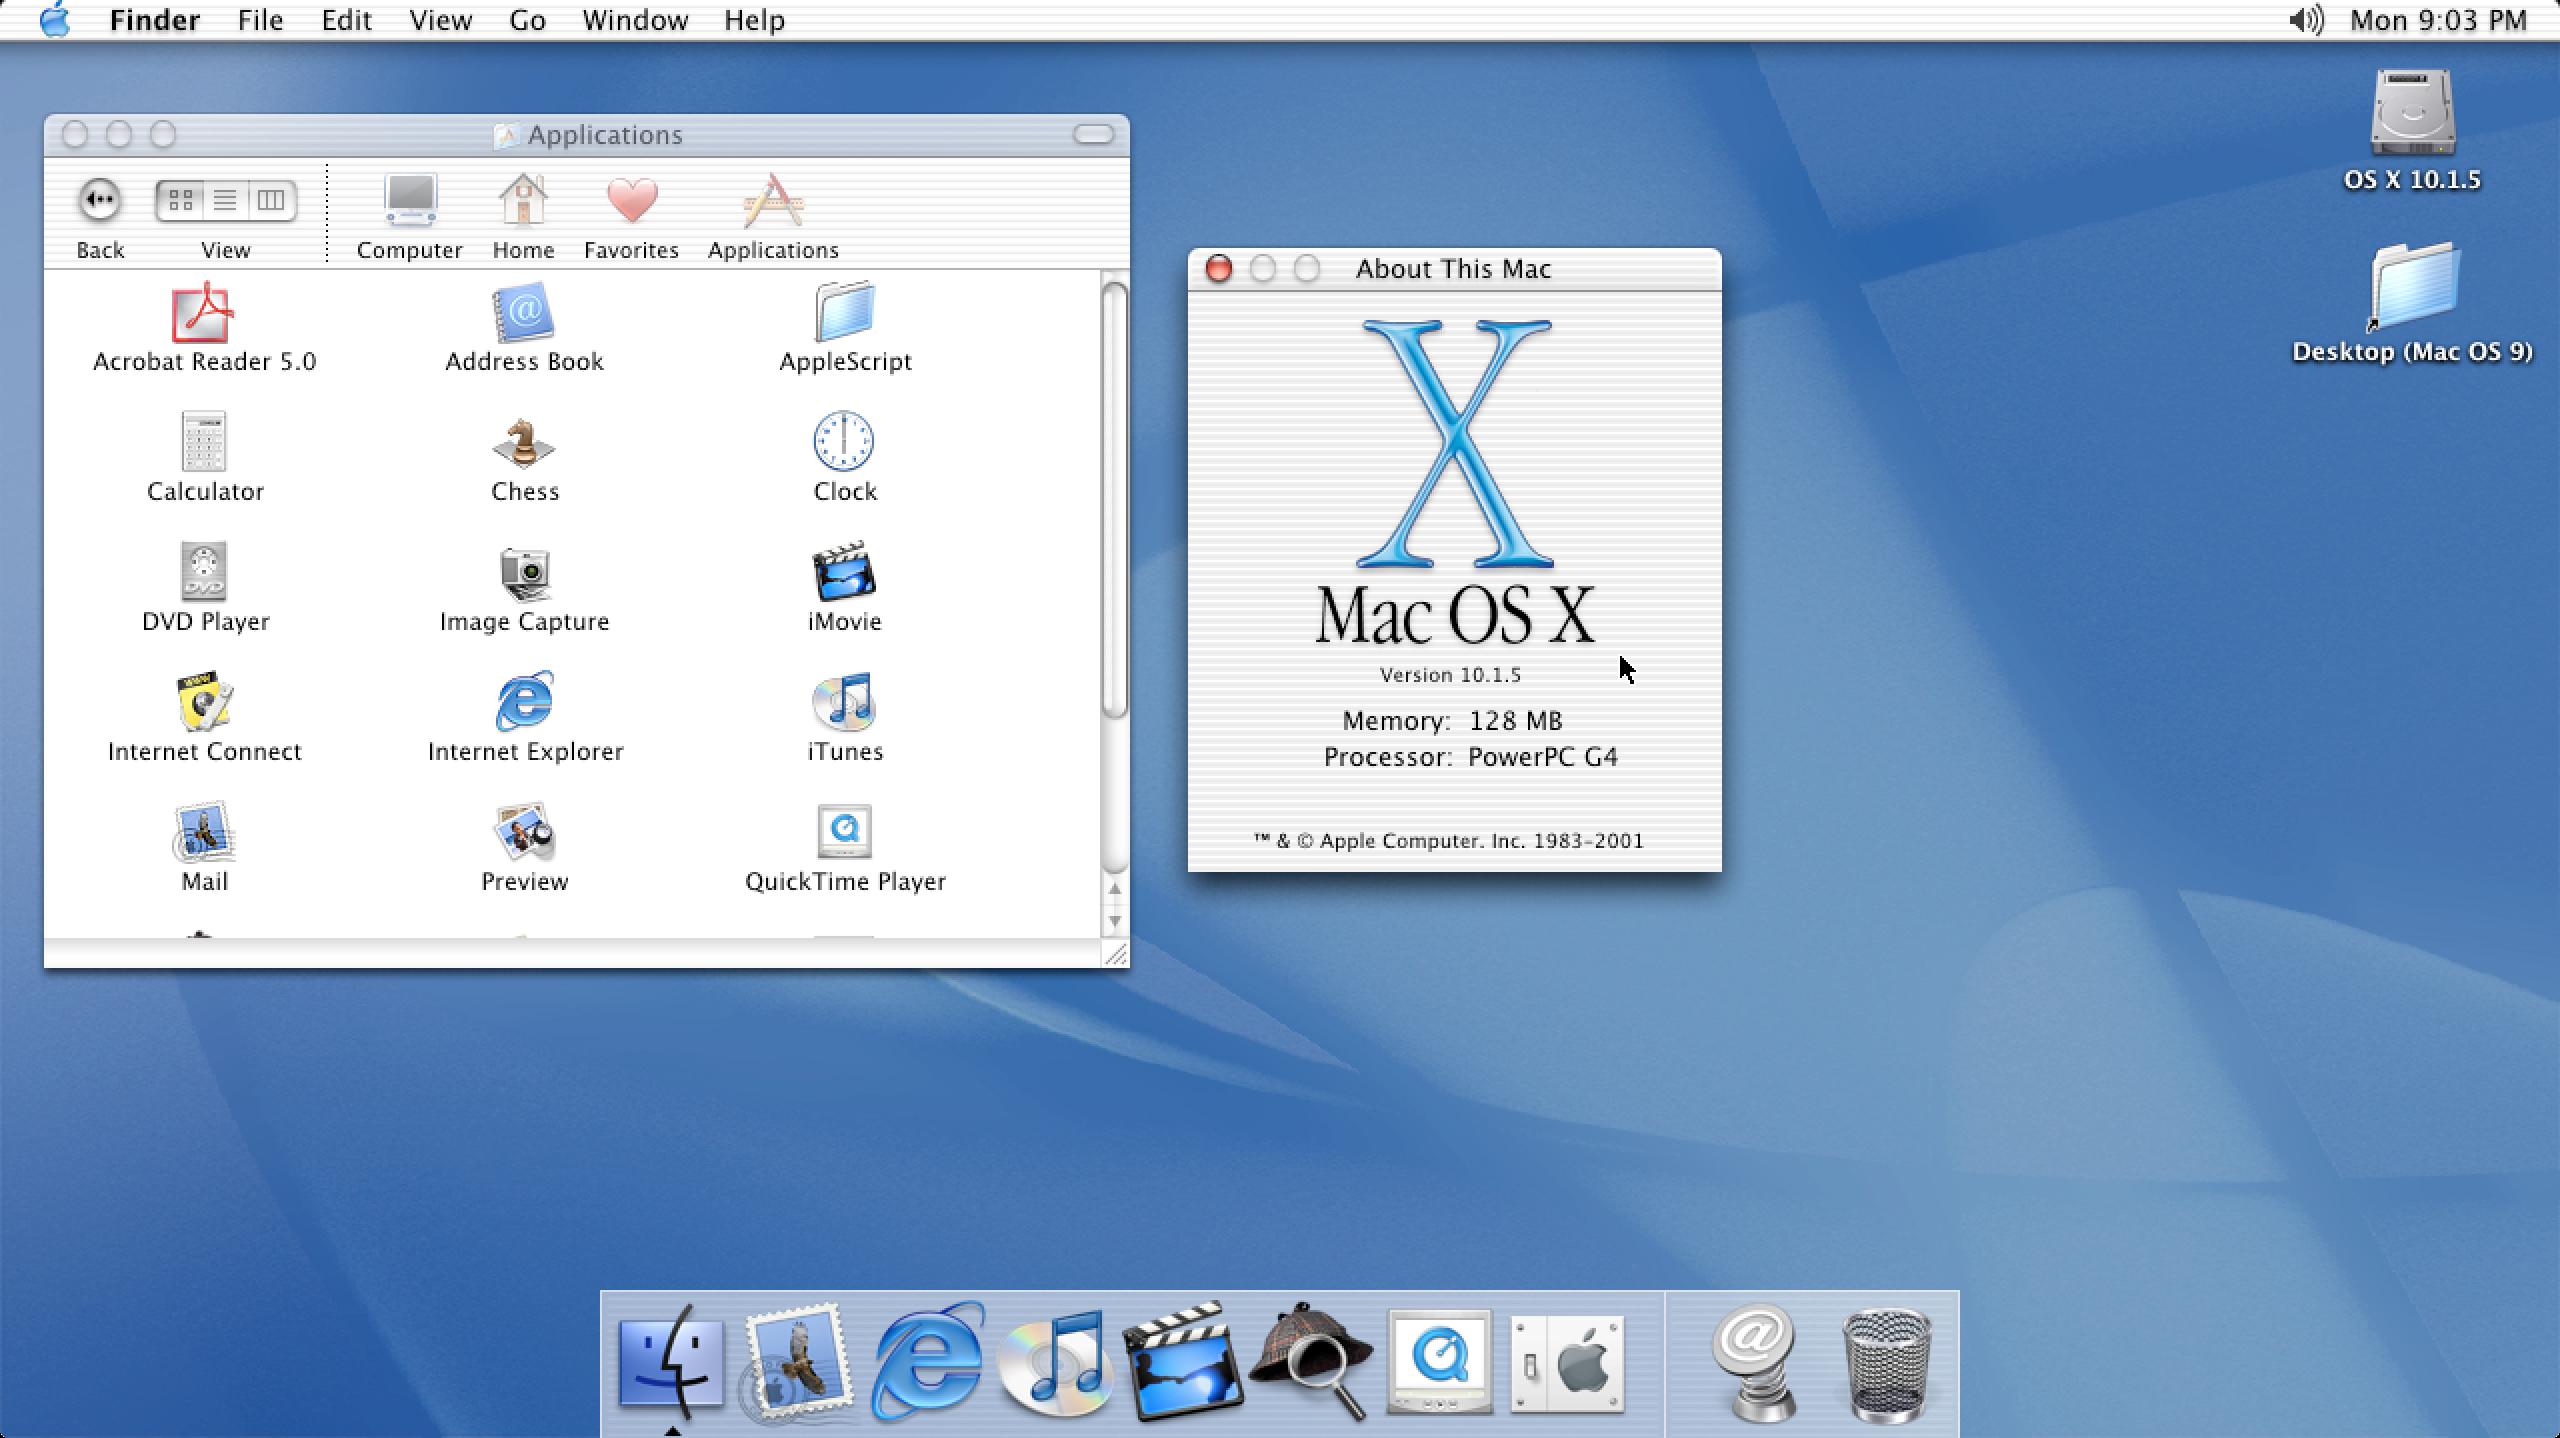 Mac OS X 10.1.5